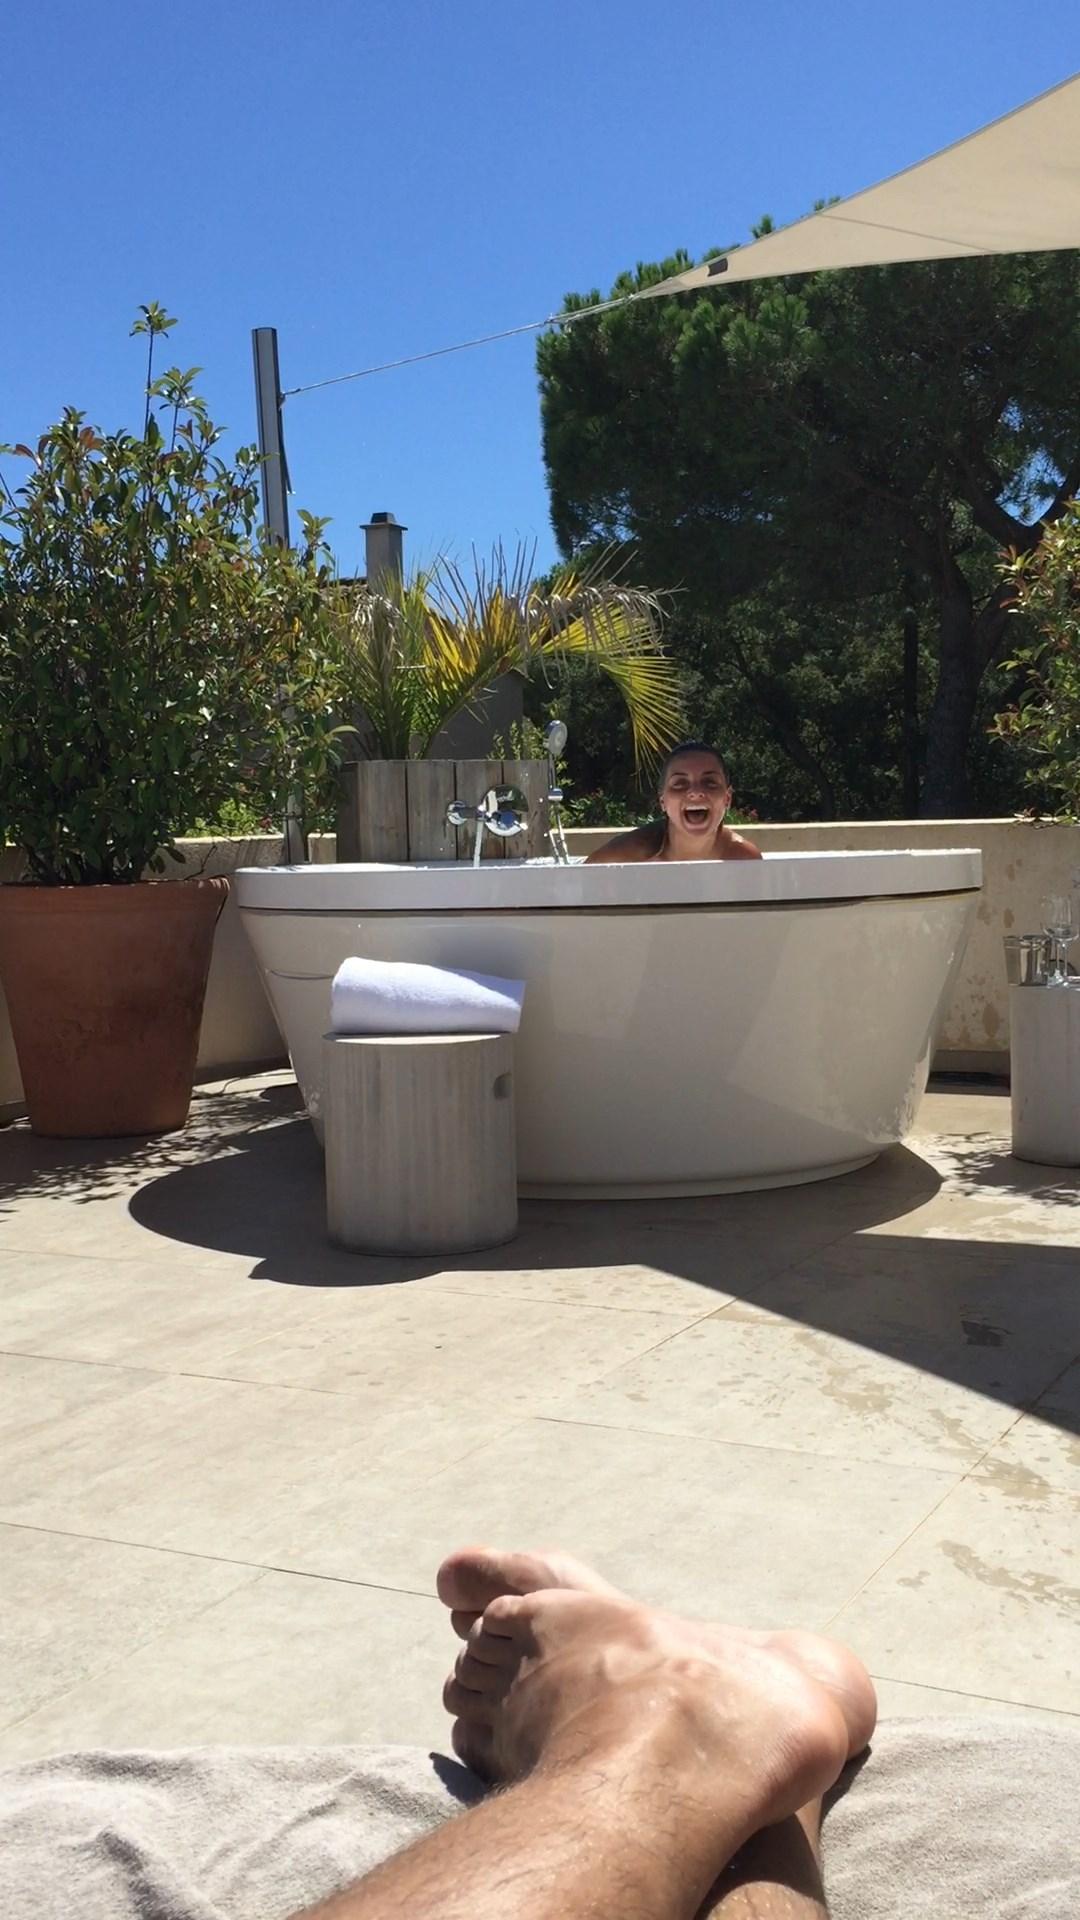 Priscilla Betti Nude Leaked The Fappening 0022